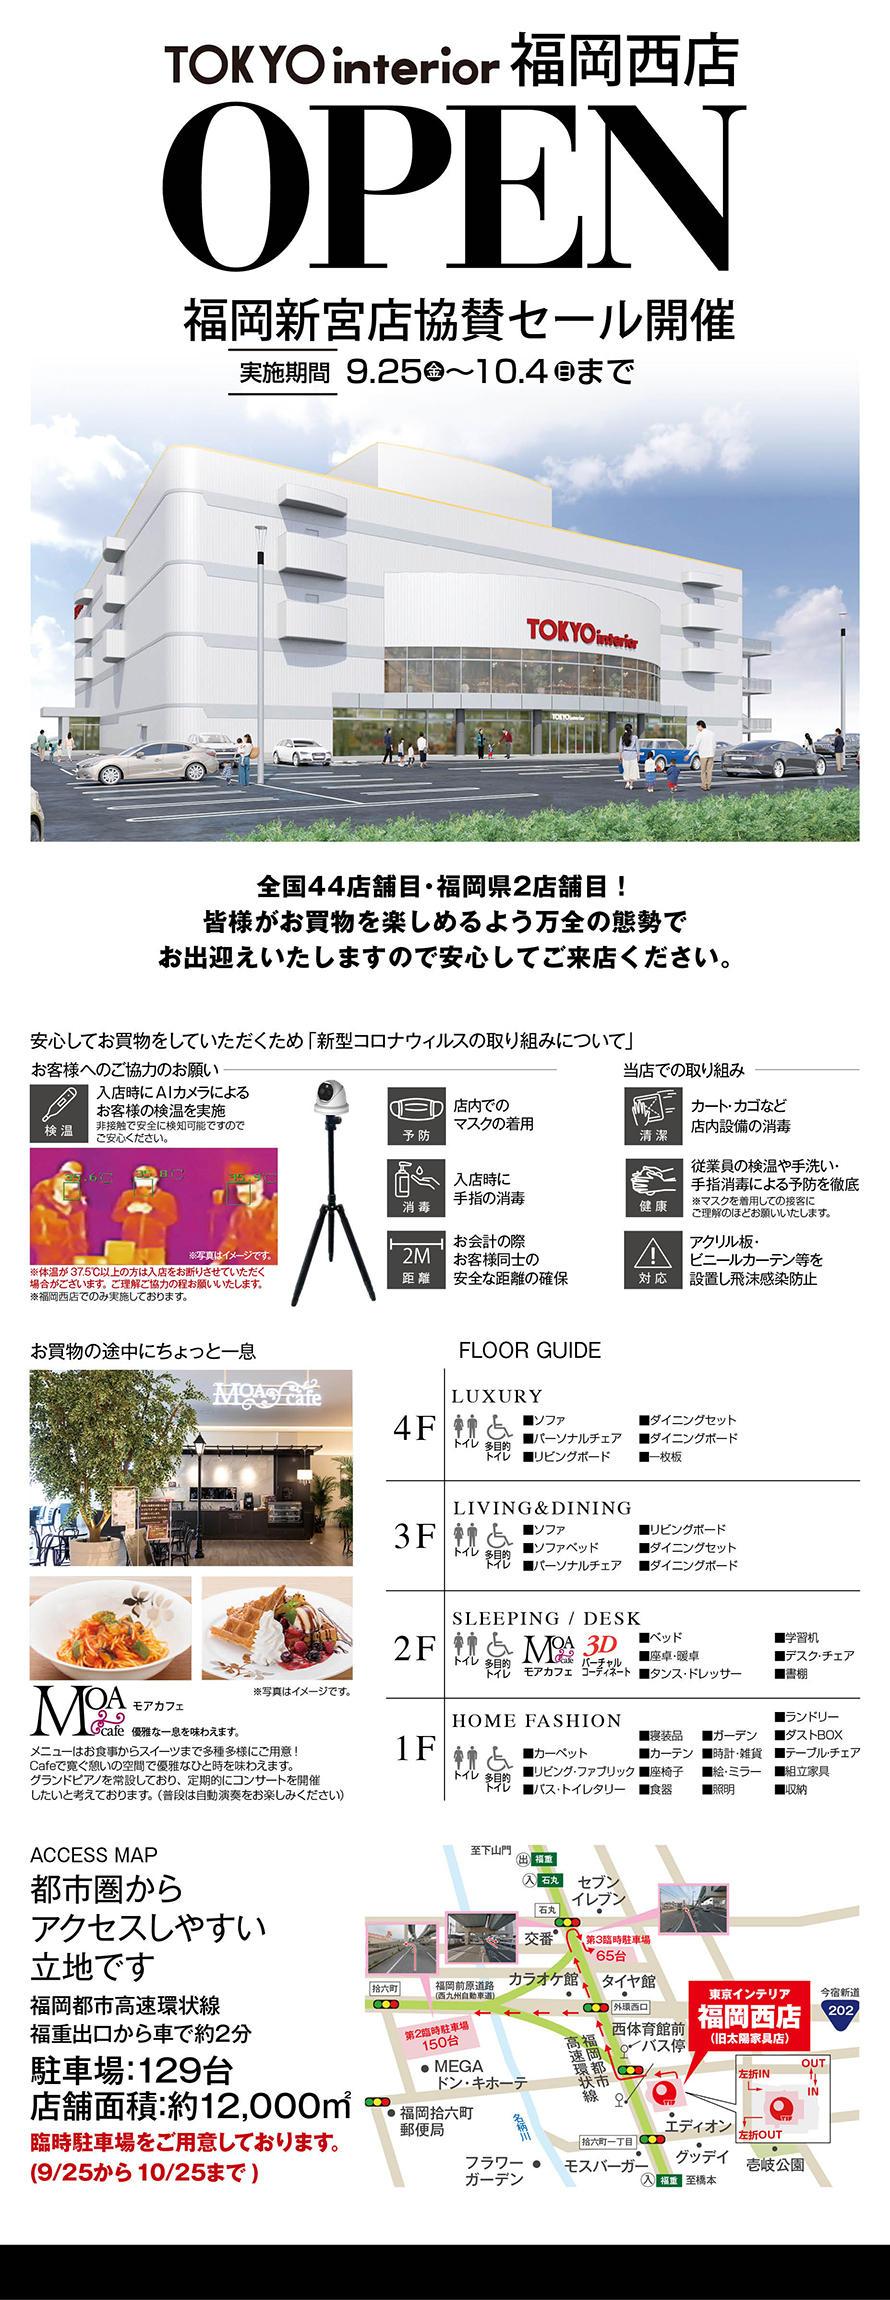 インテリア 福岡 東京